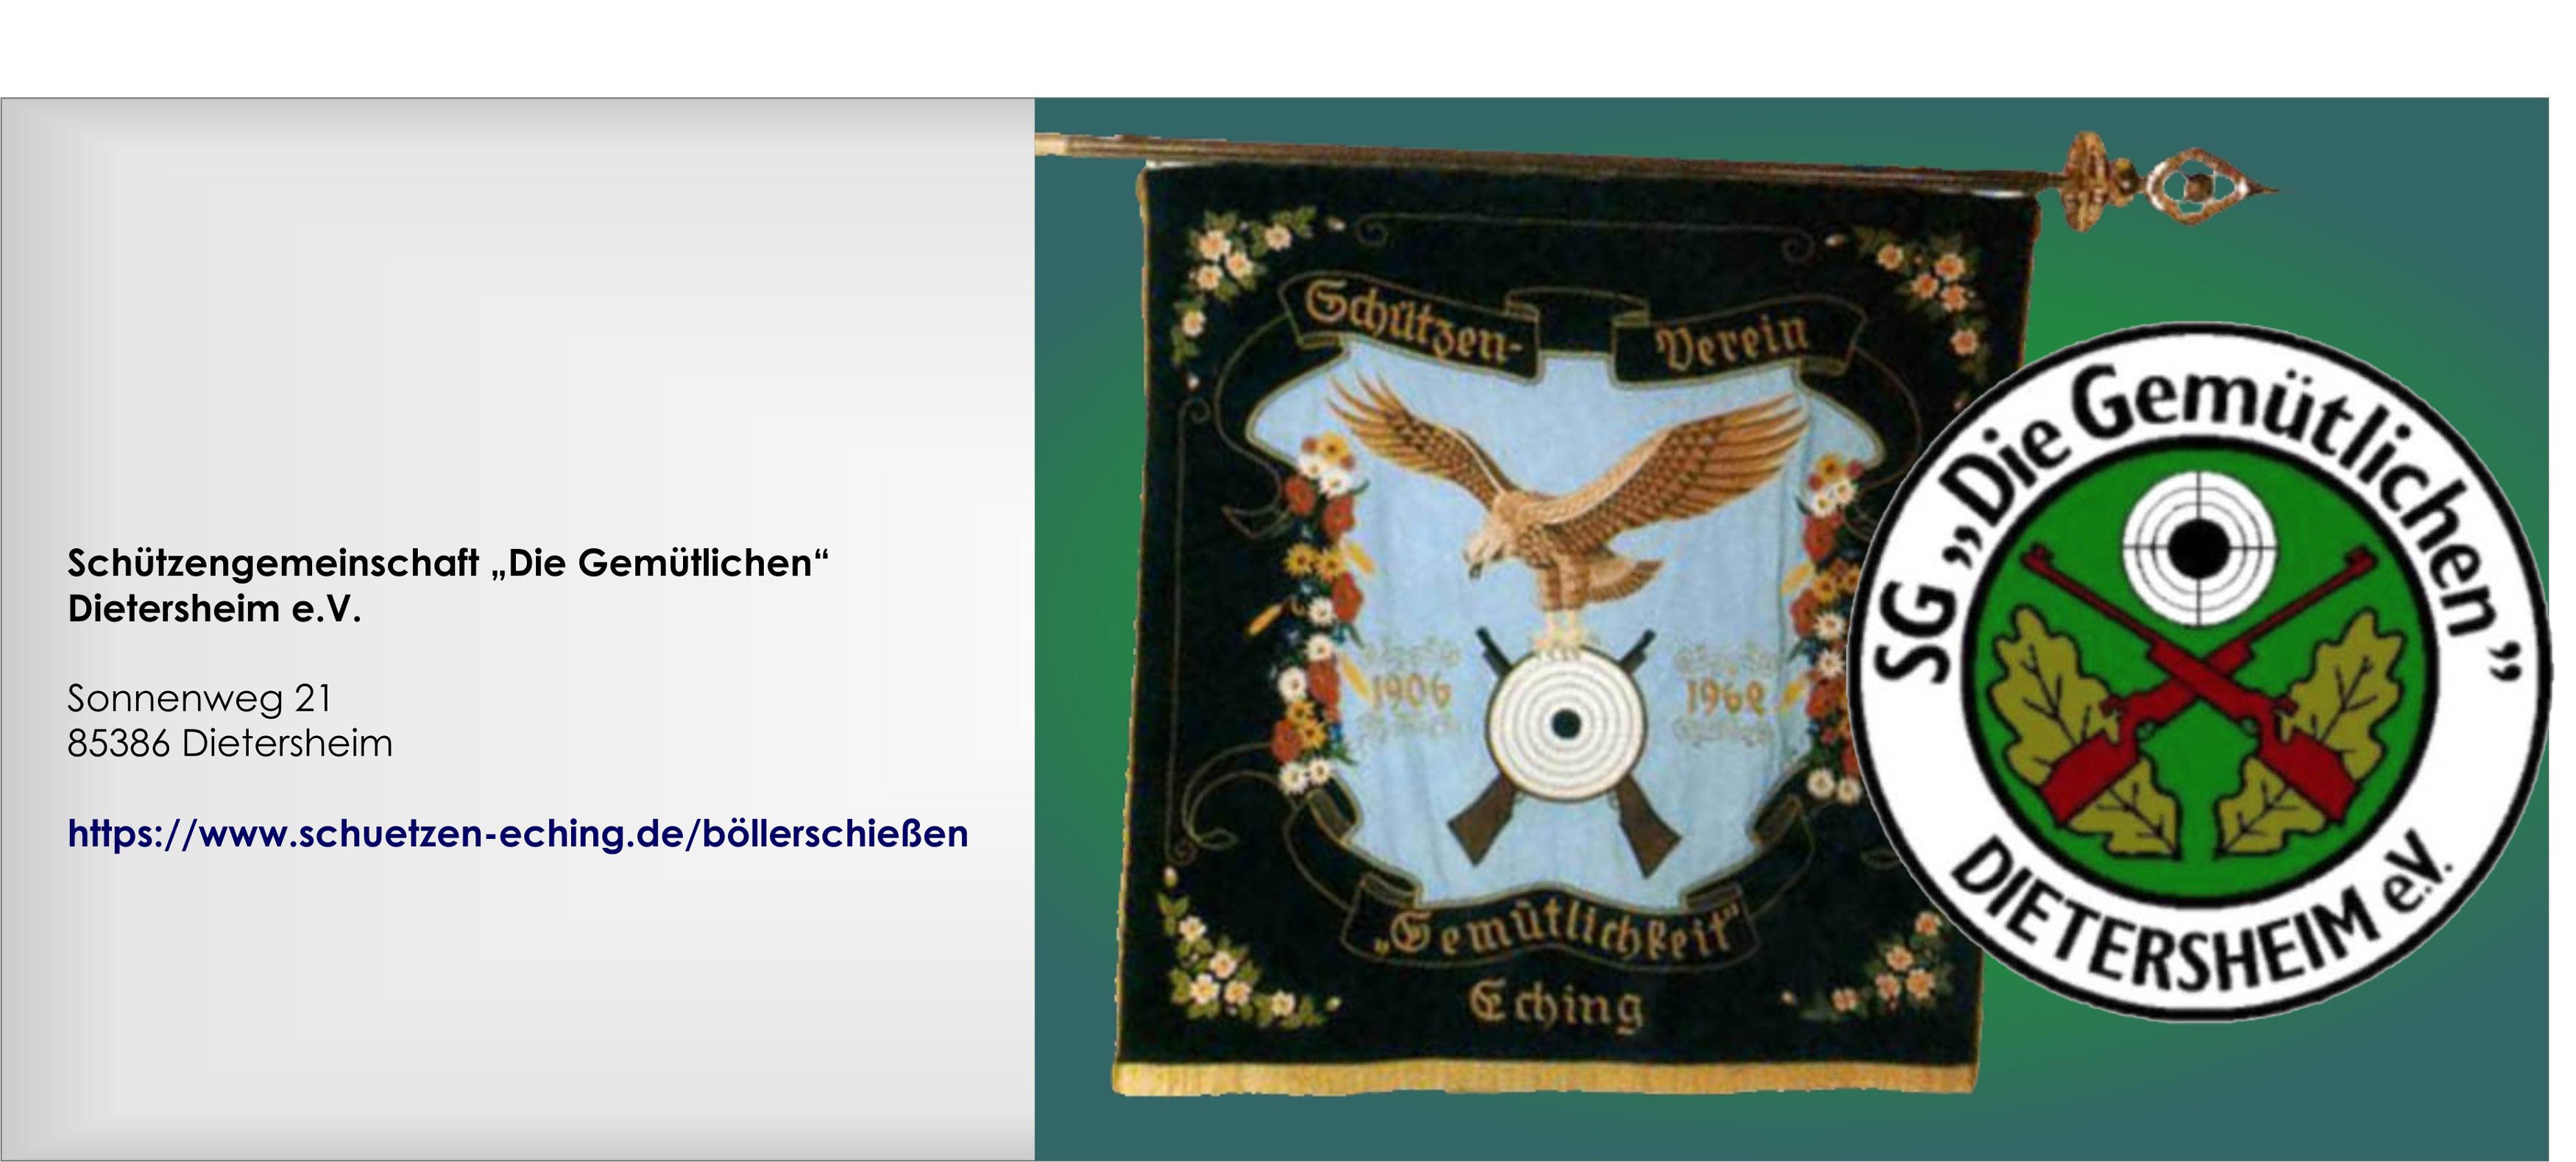 Schuetzenverein Dietersheim, Victoreanum-Sponsoring, Soziales Engagement